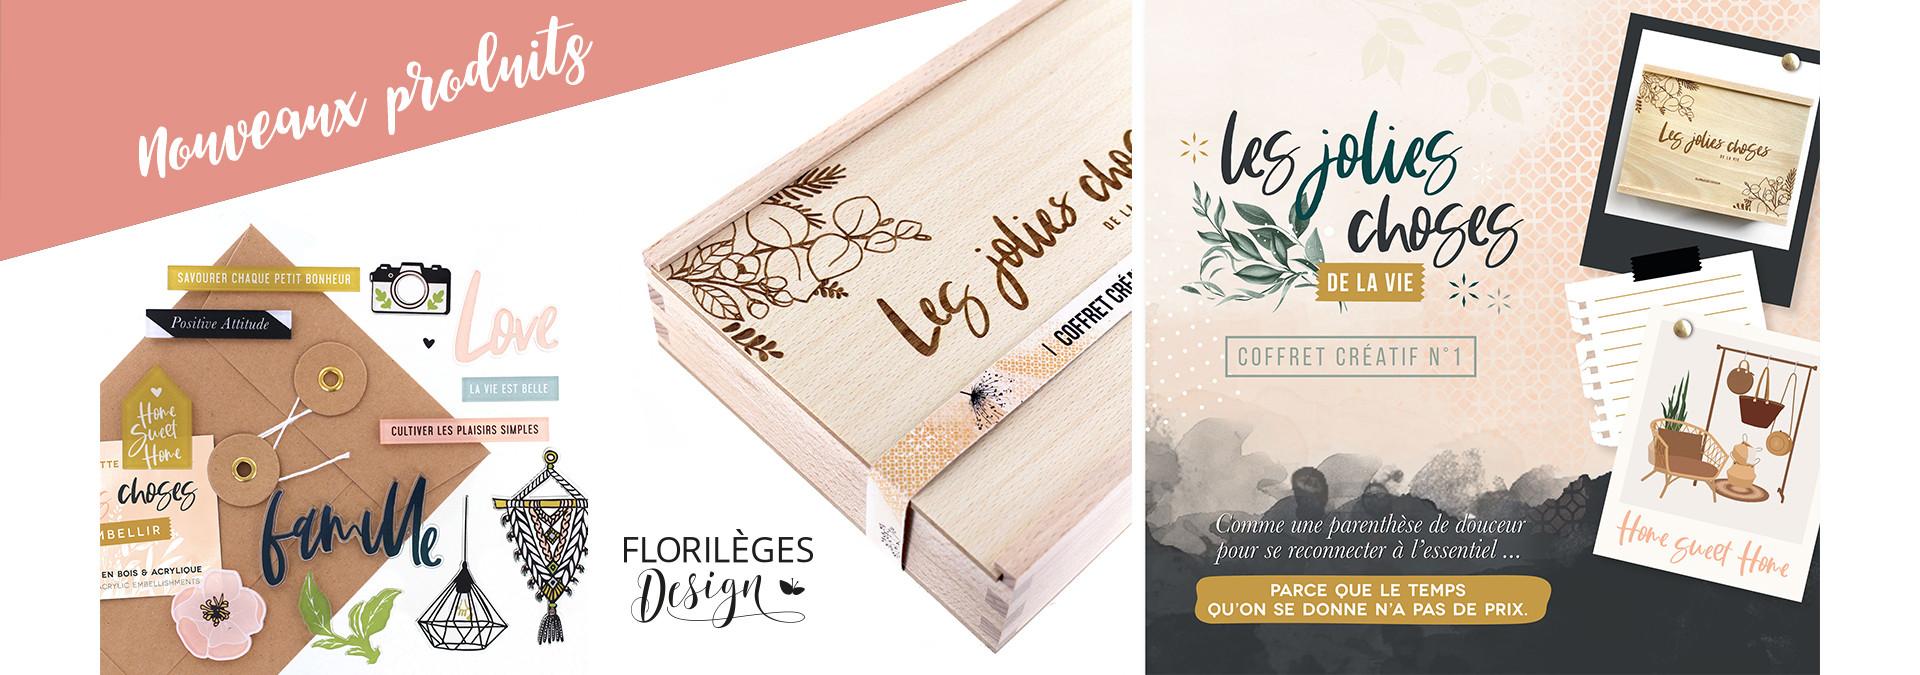 Nouveau coffret créatif Florilèges Design